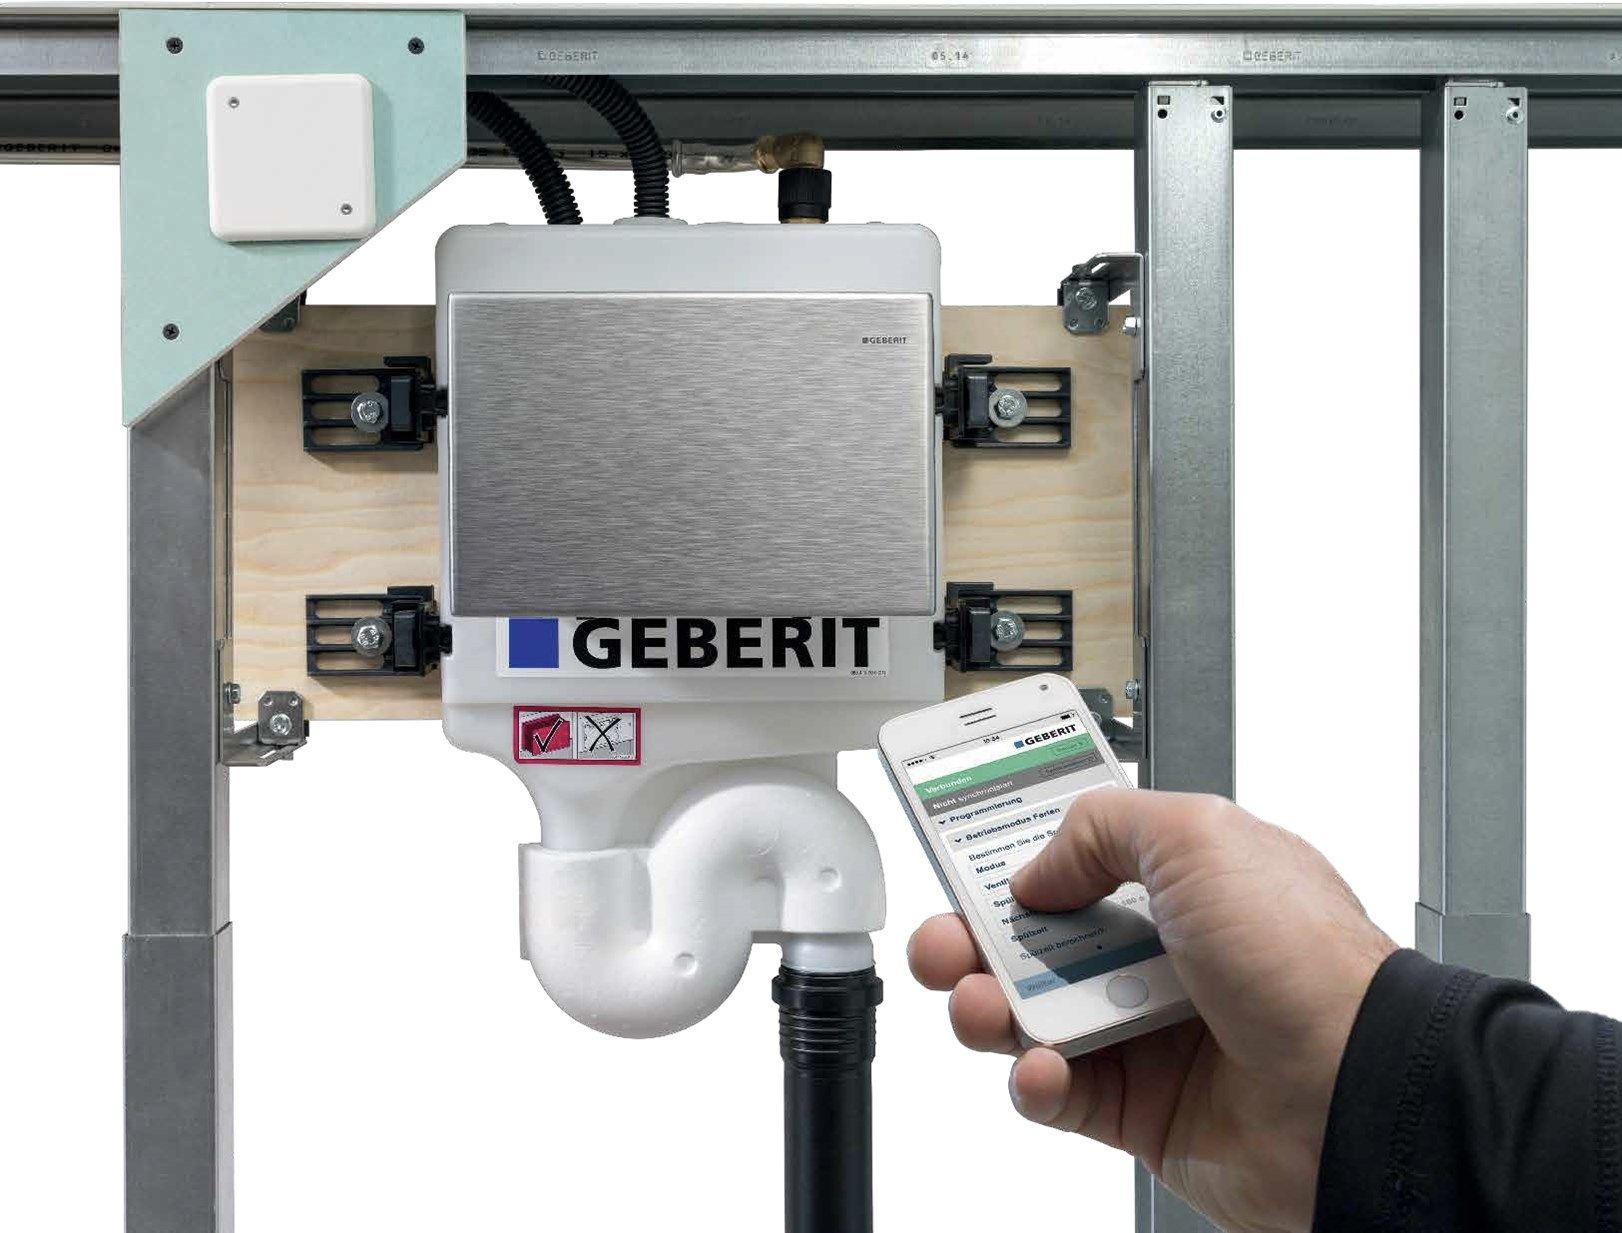 Le soluzioni Geberit per un'acqua potabile sicura